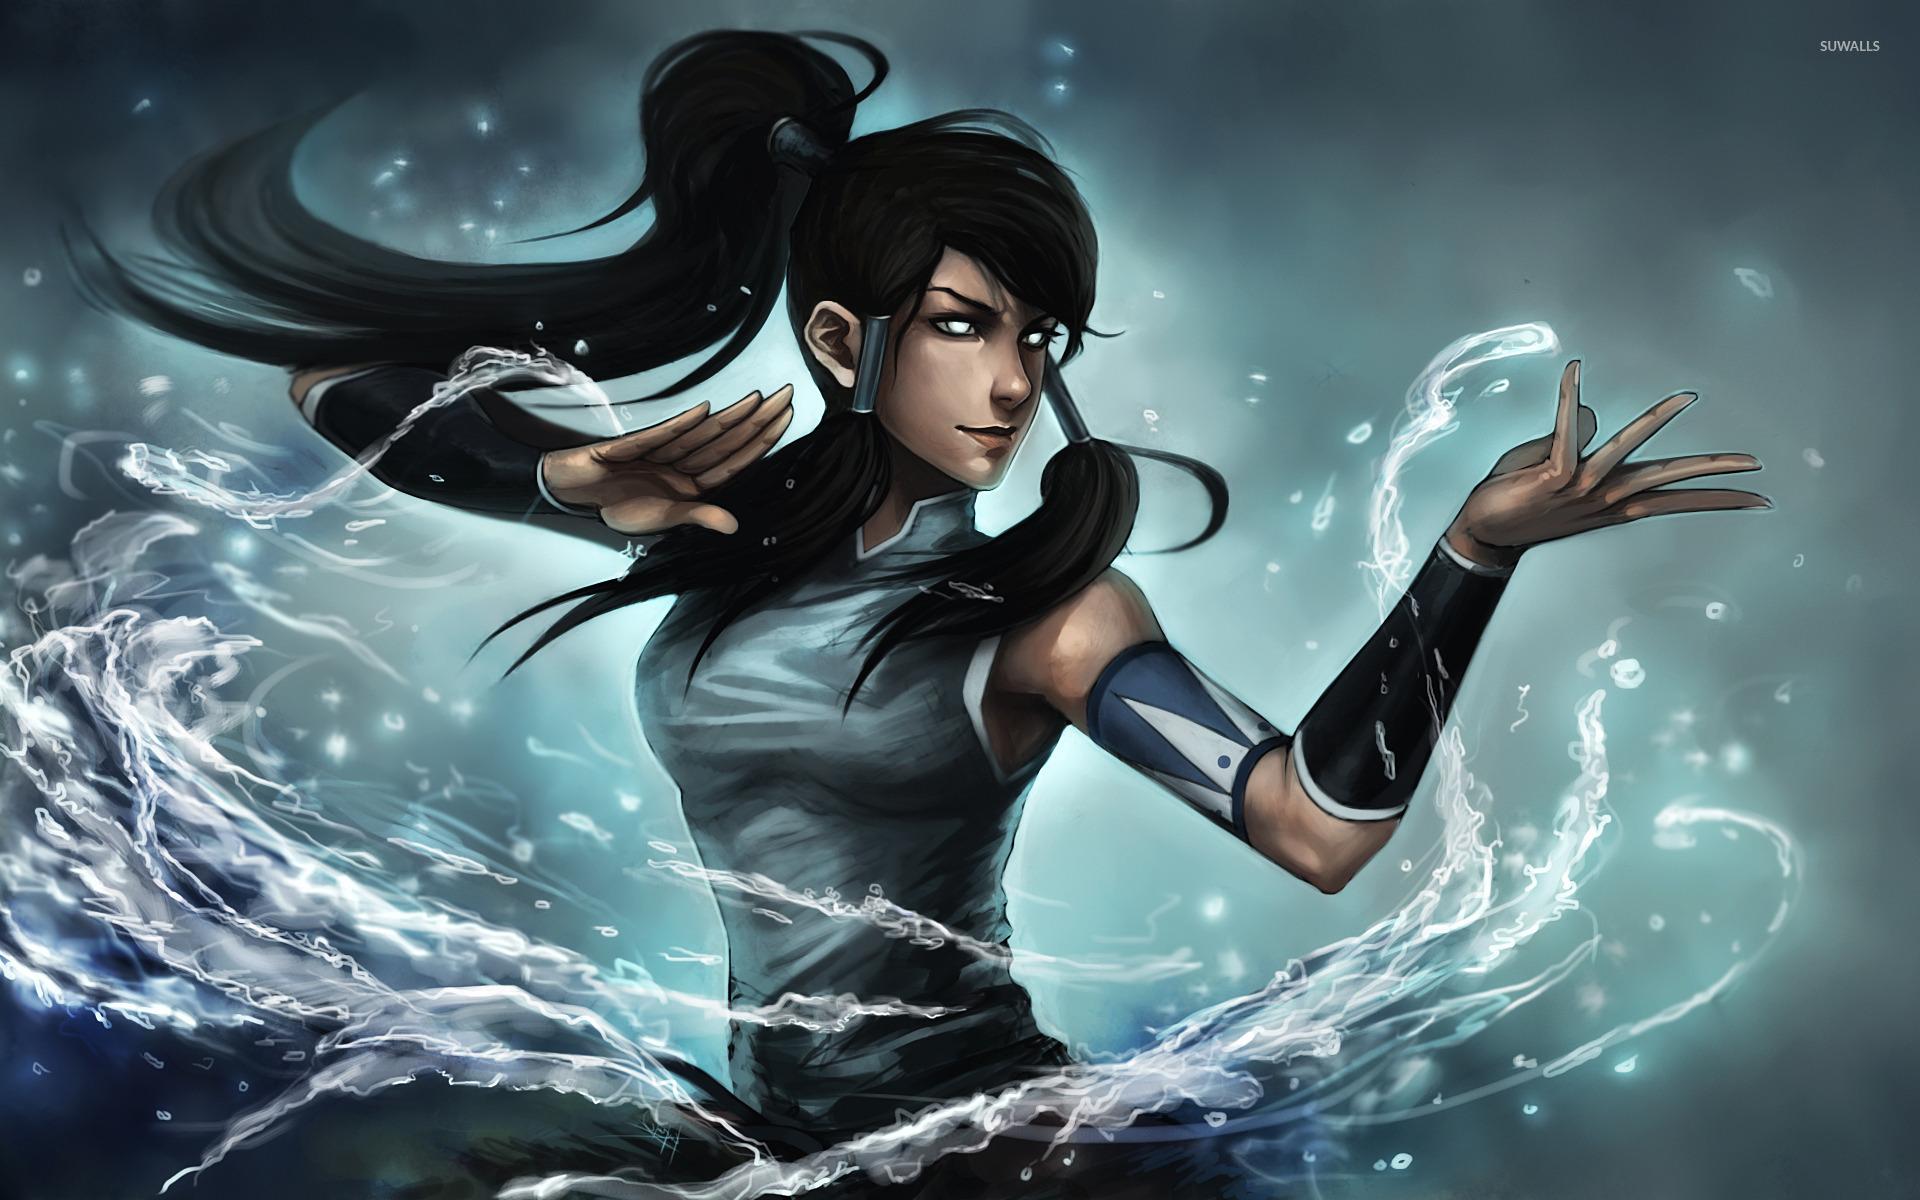 Avatar The Legend Of Korra 2 Wallpaper Anime Wallpapers 13605